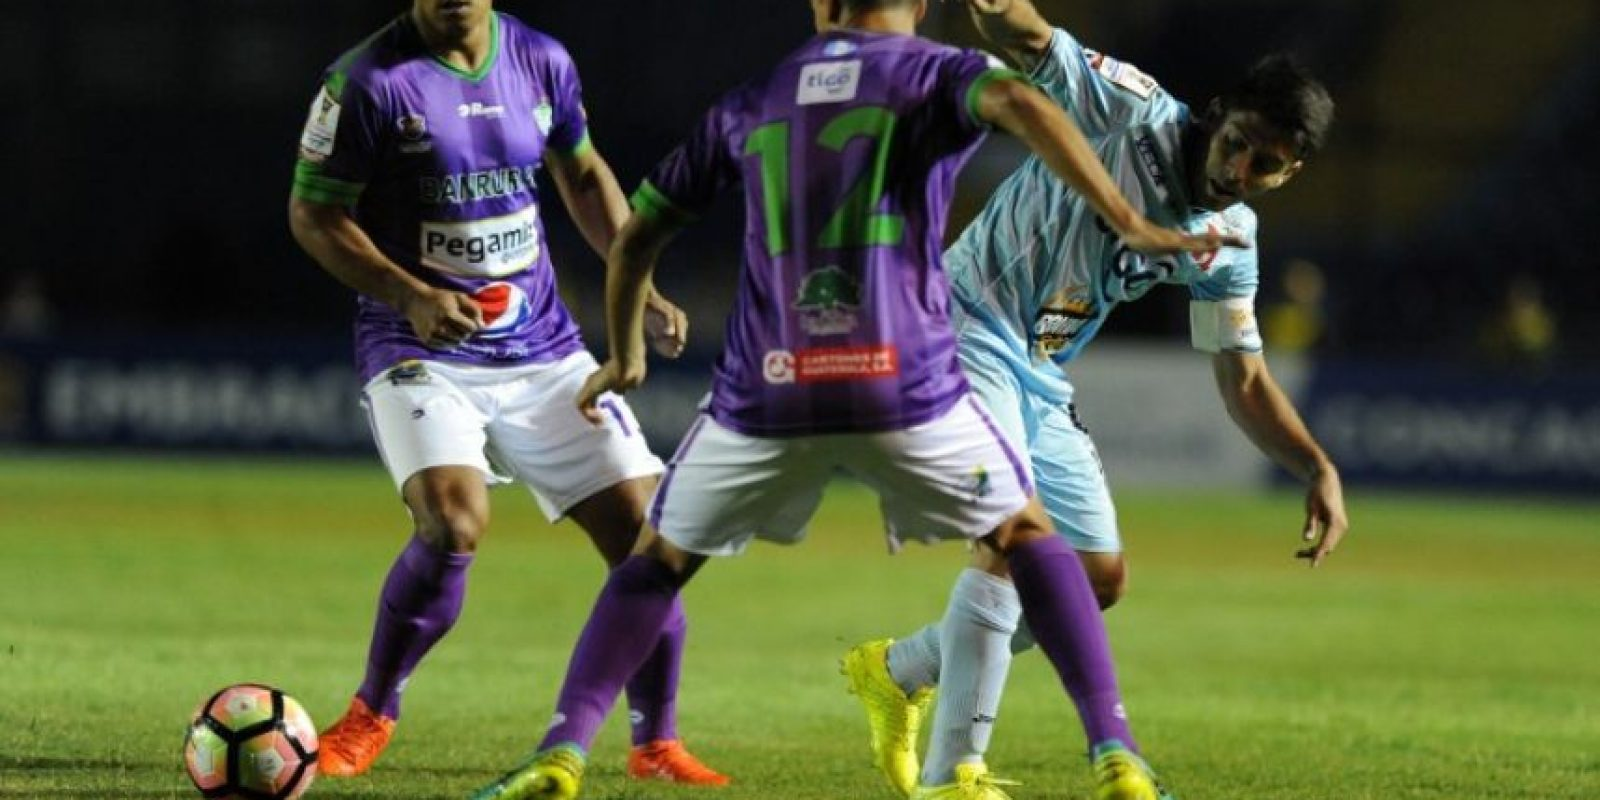 El cuadro colonial sufrió su segunda derrota en el cierre de su actuación en el torneo. Foto:AFP